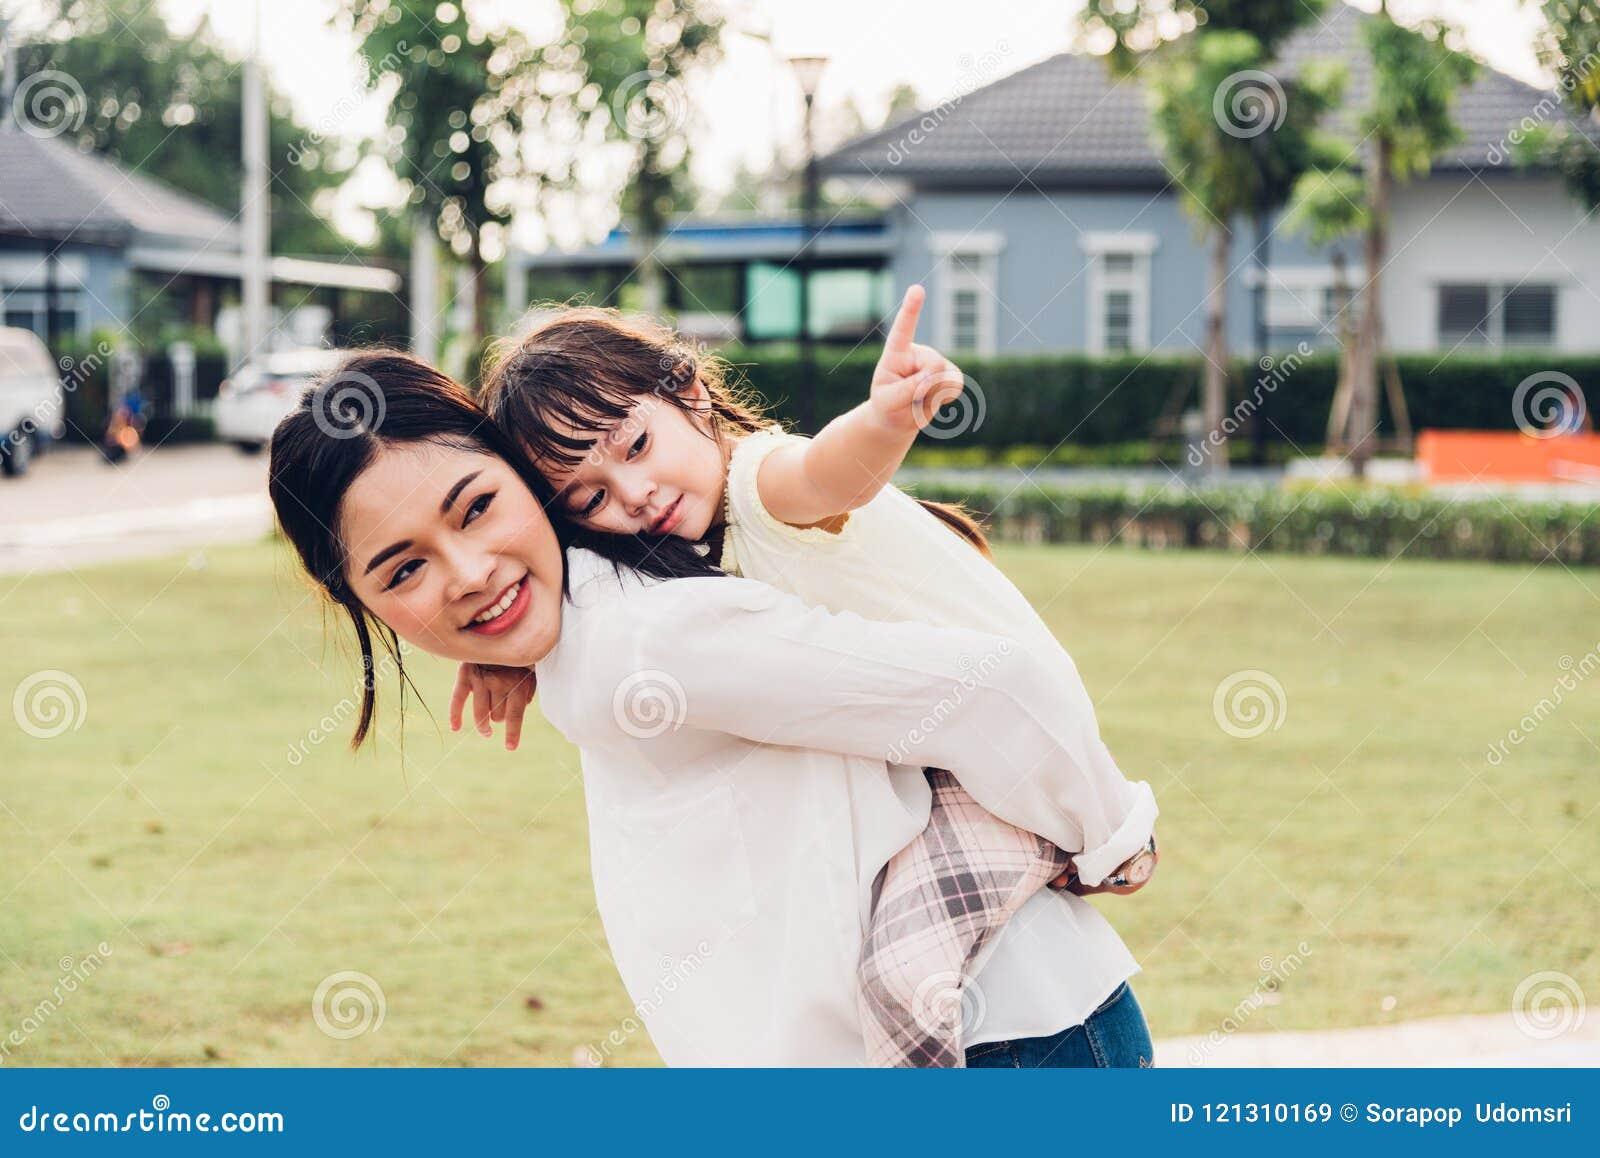 Jardim de infância feliz da menina do filho da criança das crianças da família que joga o CCB do passeio